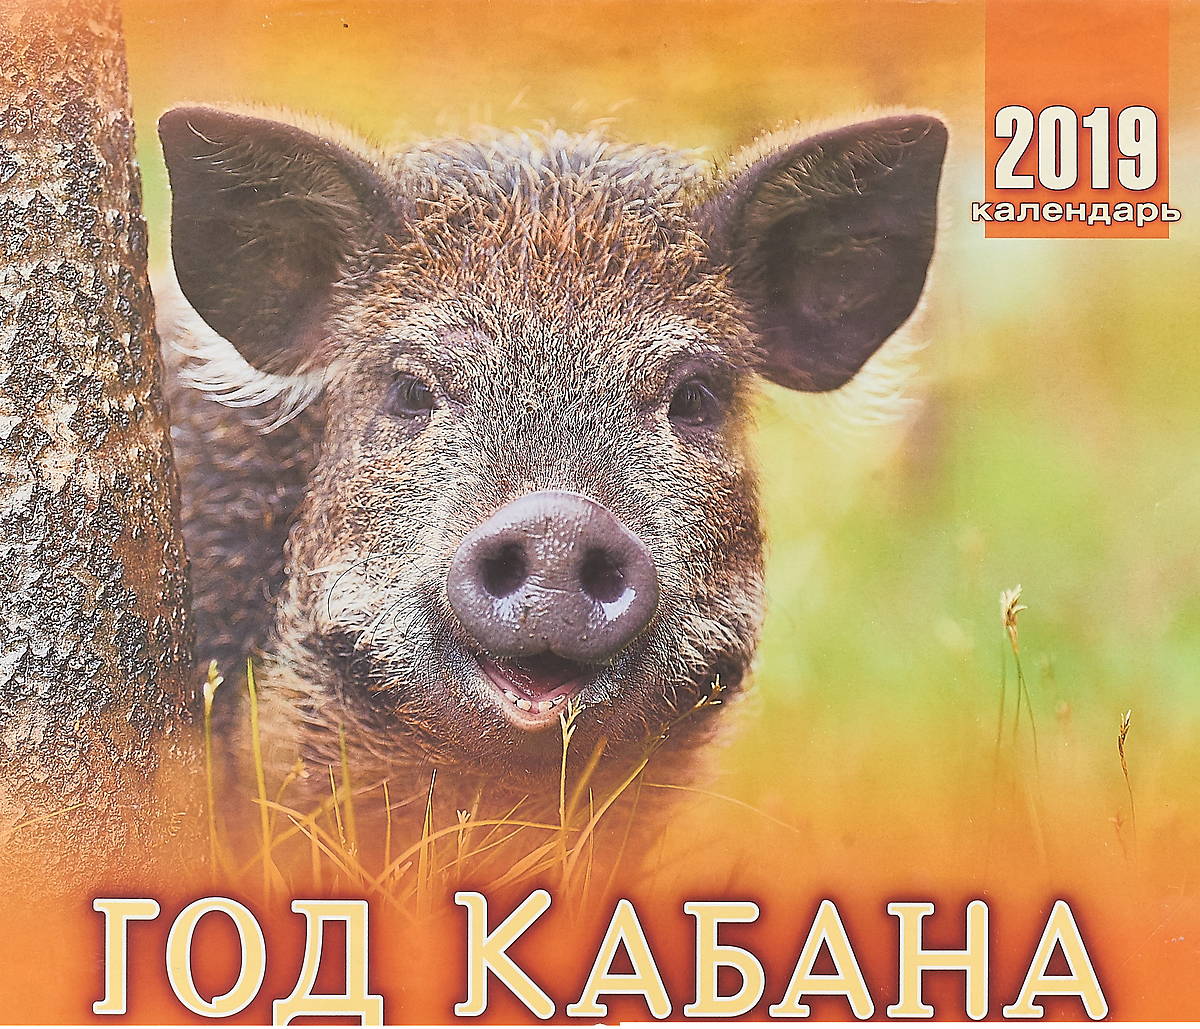 Календарь перекидной на 2019 год. Год кабана календарь перекидной на 2019 год кошачье семейство